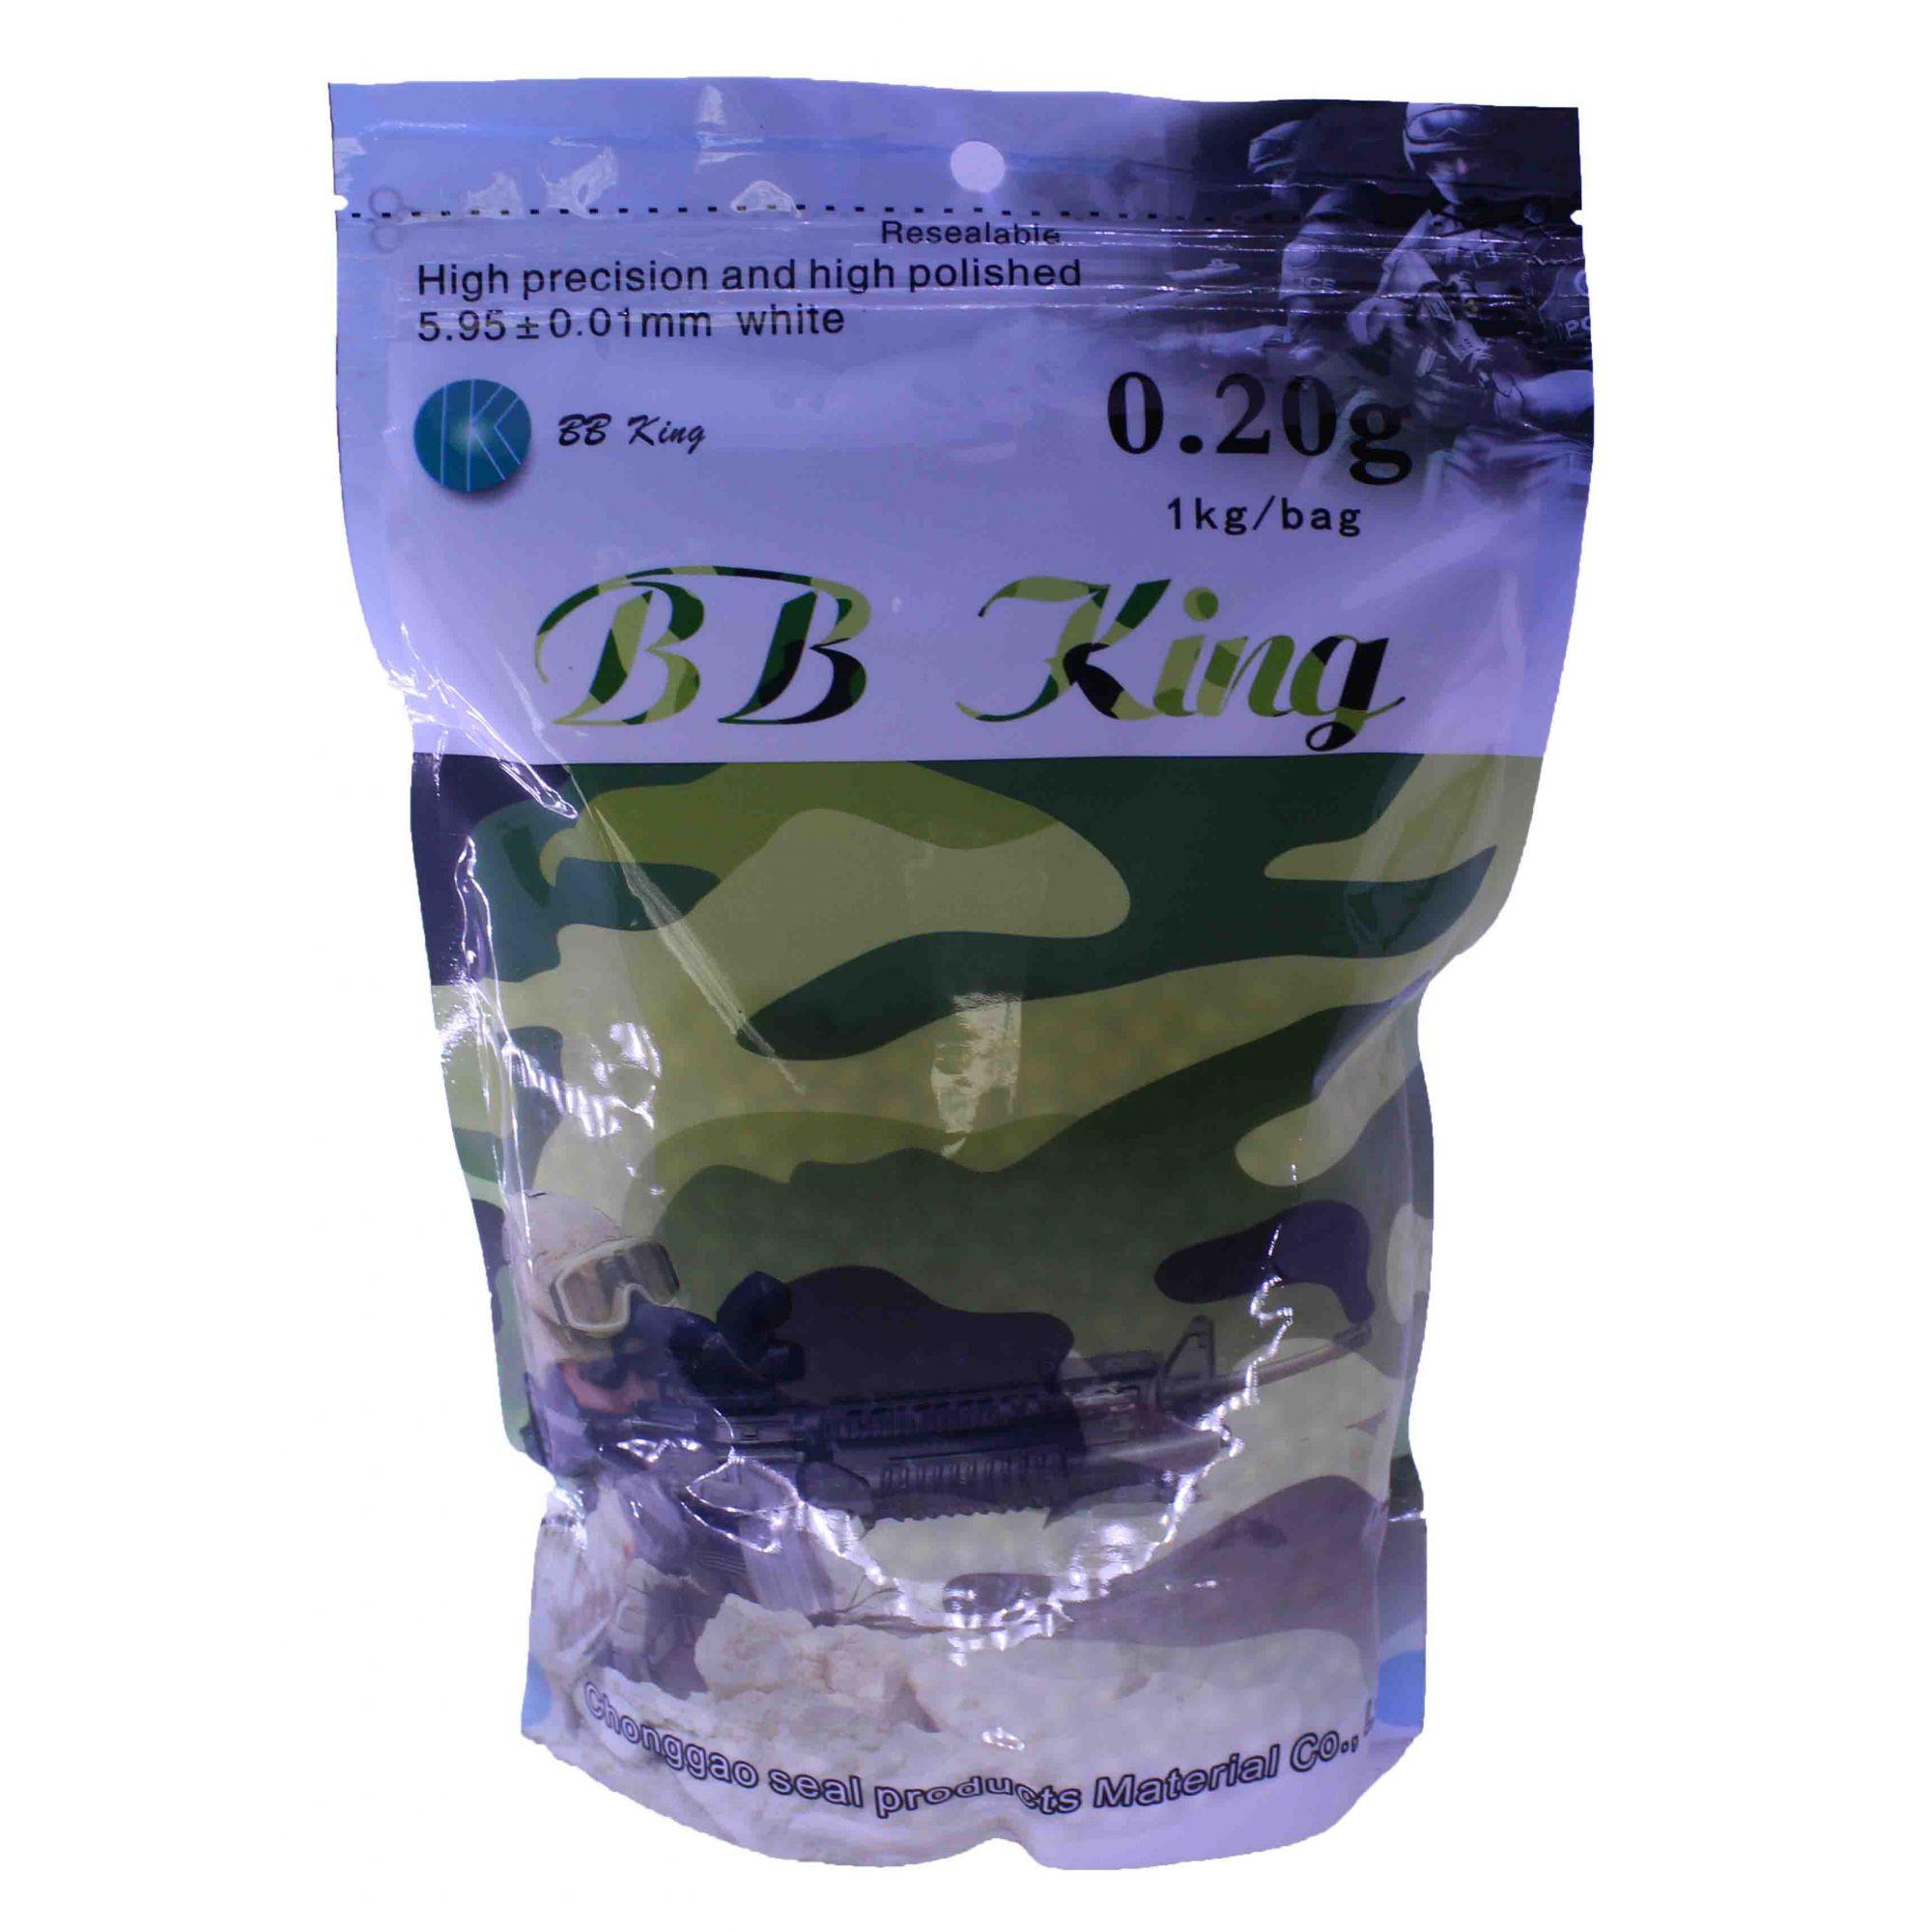 Bbs King 0,20g com 5000 Unidades